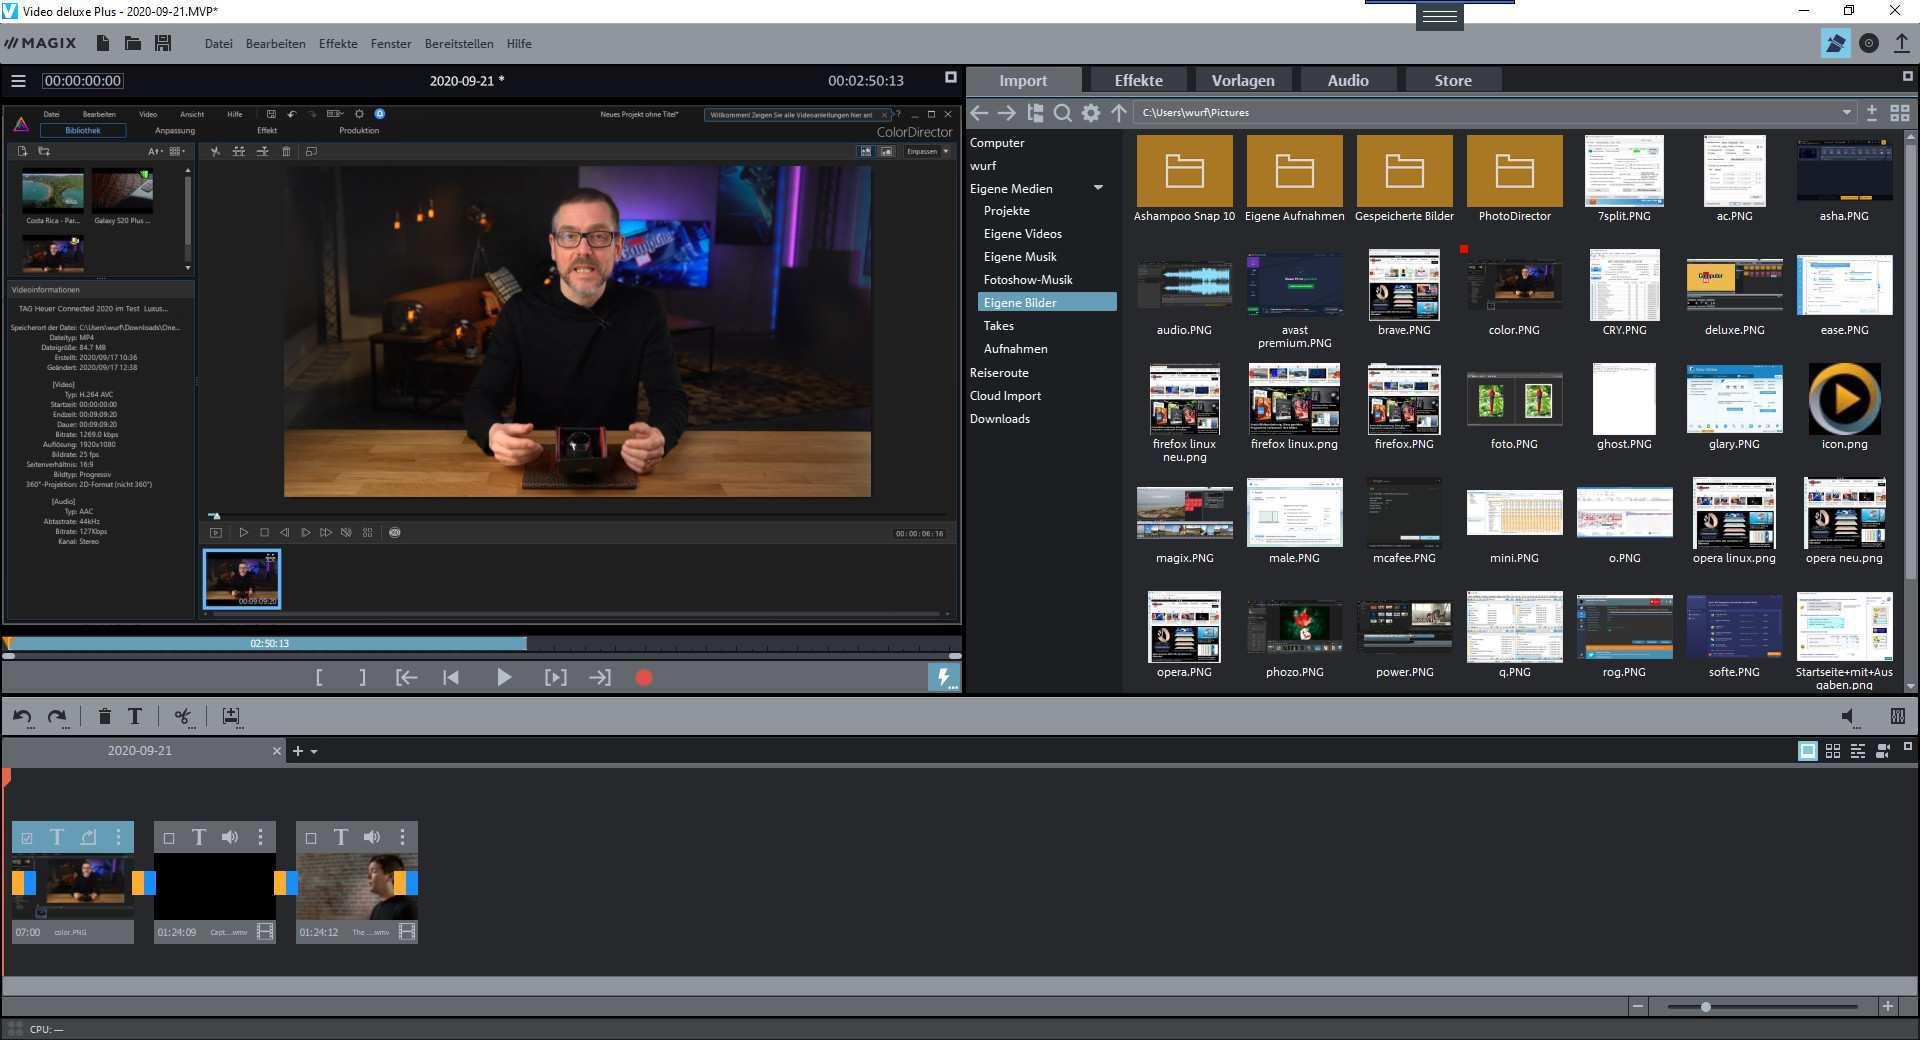 Magix Video Deluxe Plus 2021 Download Computer Bild